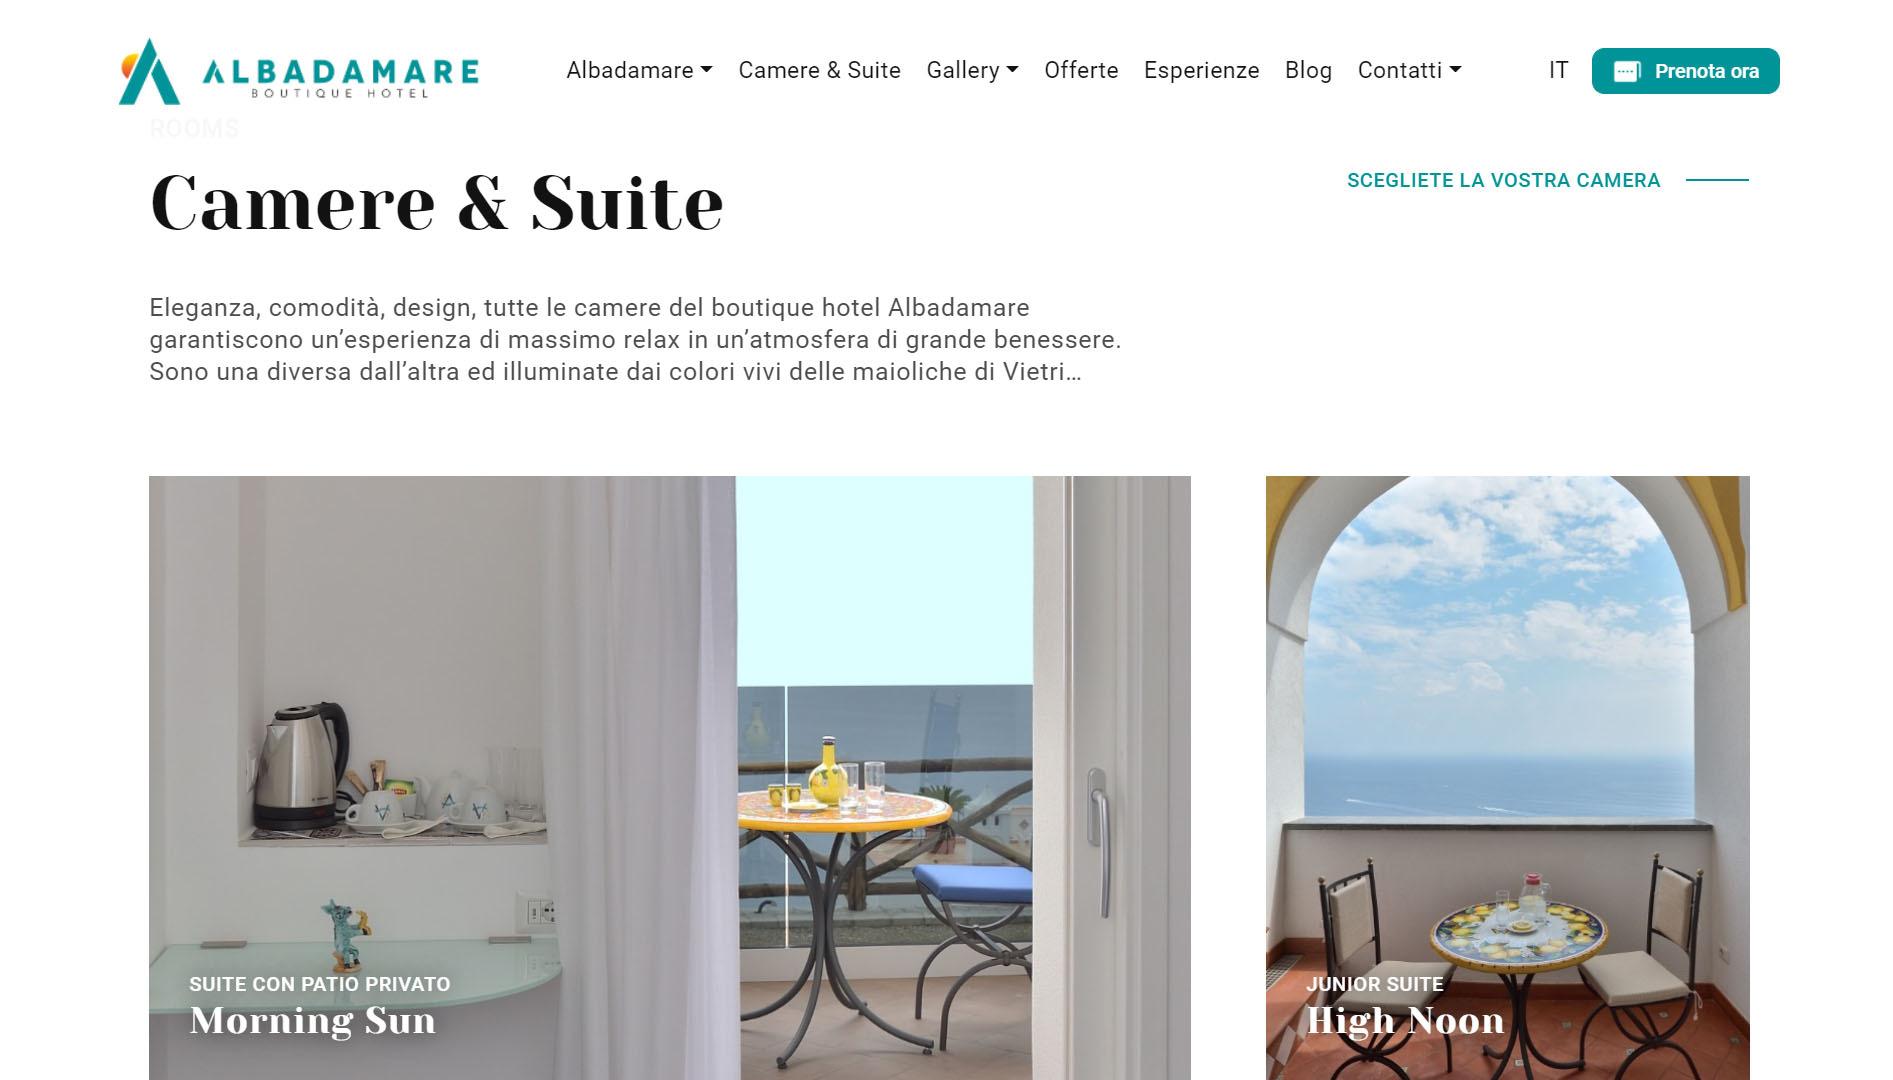 Albadamare Sito web per boutique hotel 2